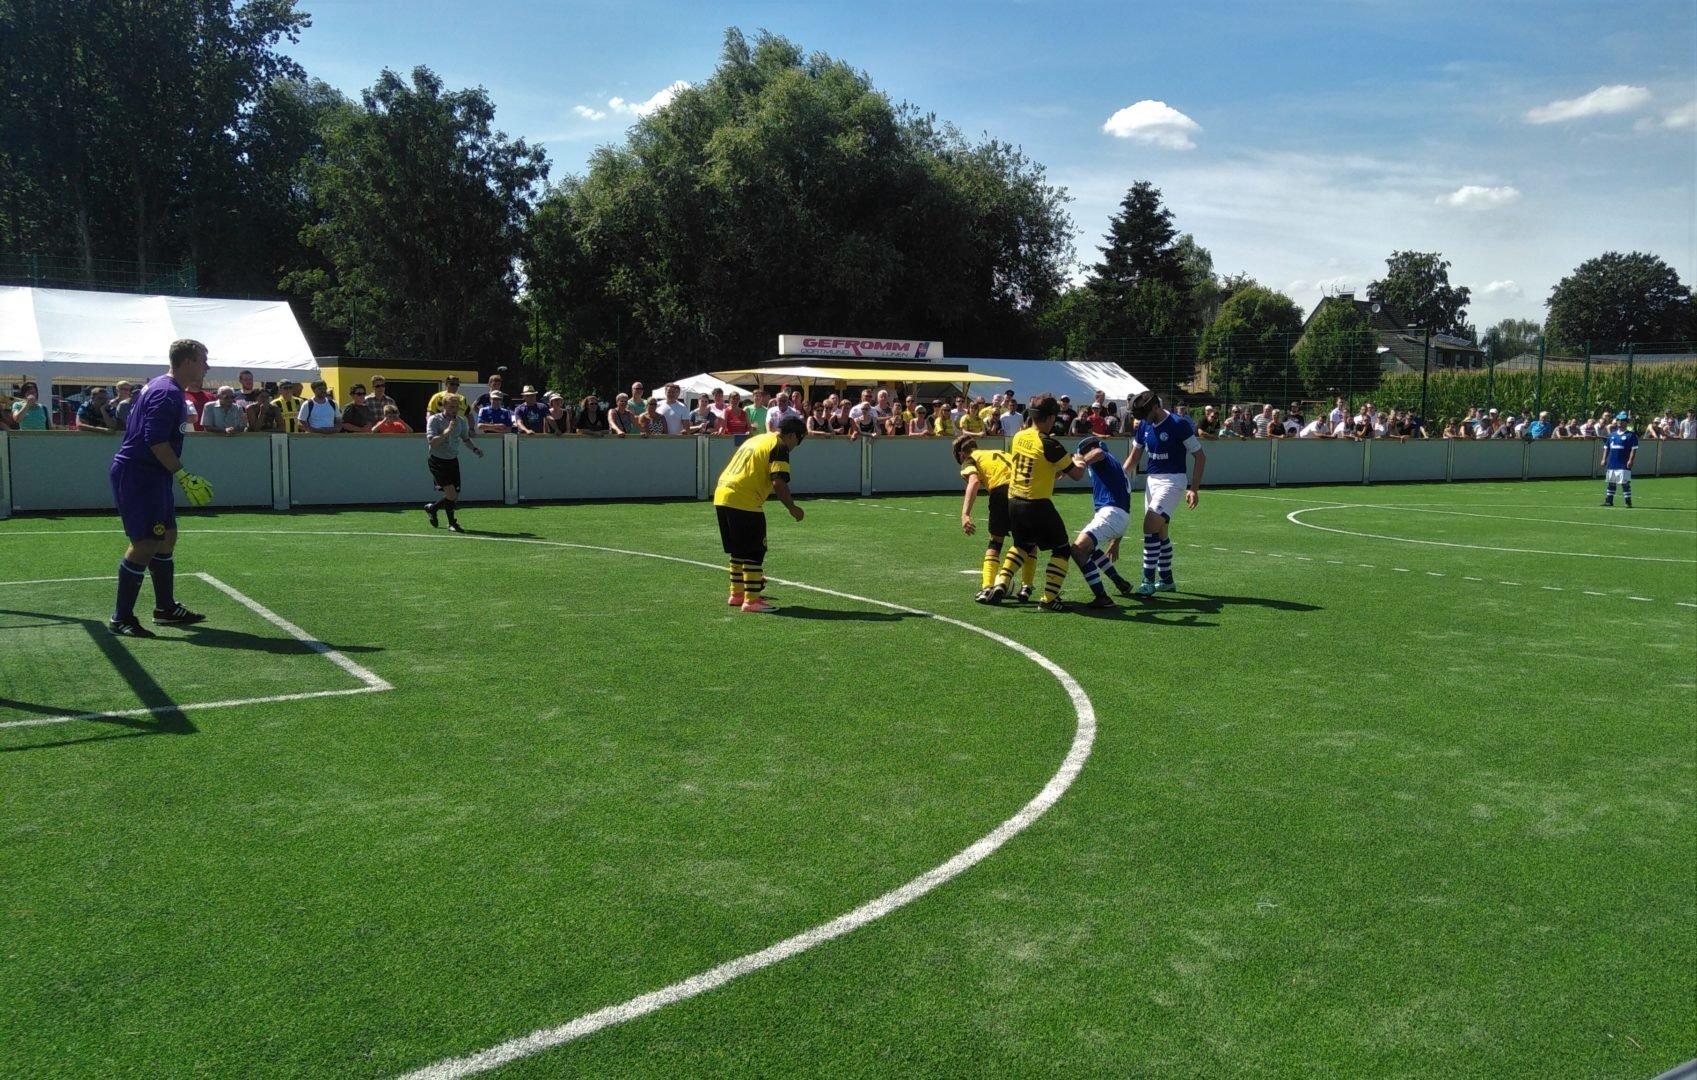 Auf eine tolle Kulisse, wie hier beim Ruhrpott-Derby zwischen Dortmund und Schalke dürfen sich die Blindenfußballer auch in Düsseldorf freuen. Foto: Jari Schaller